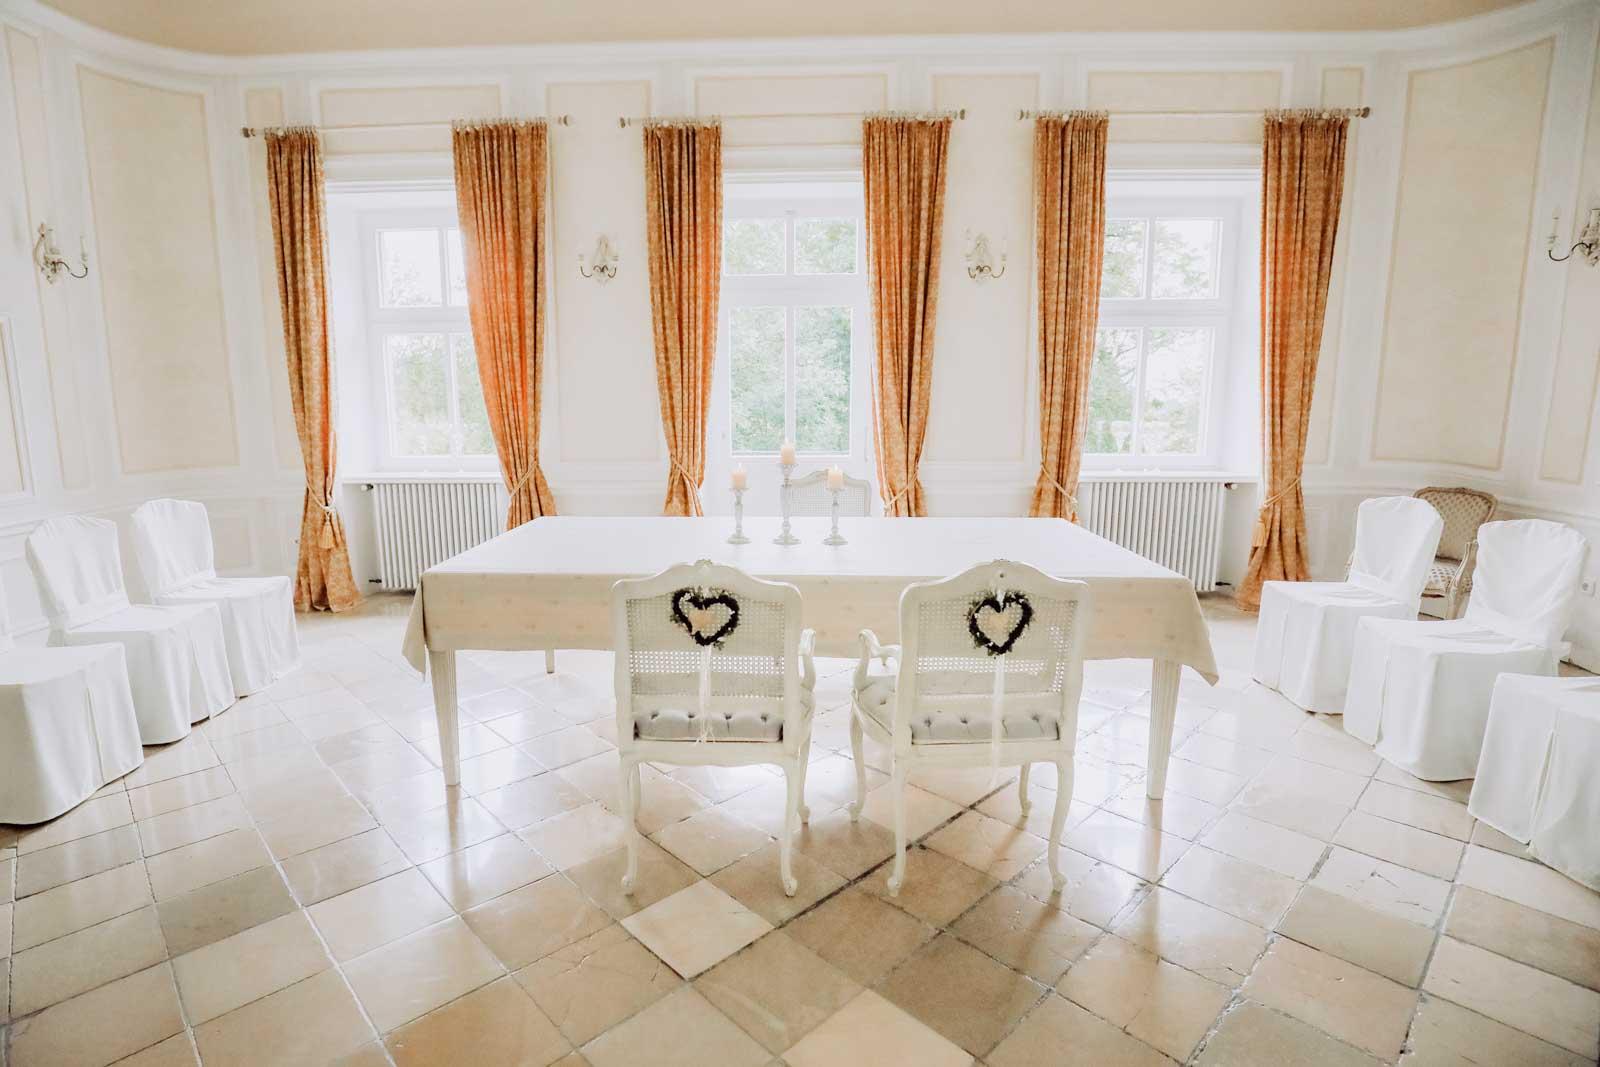 Stühle und Tisch vor Fenster